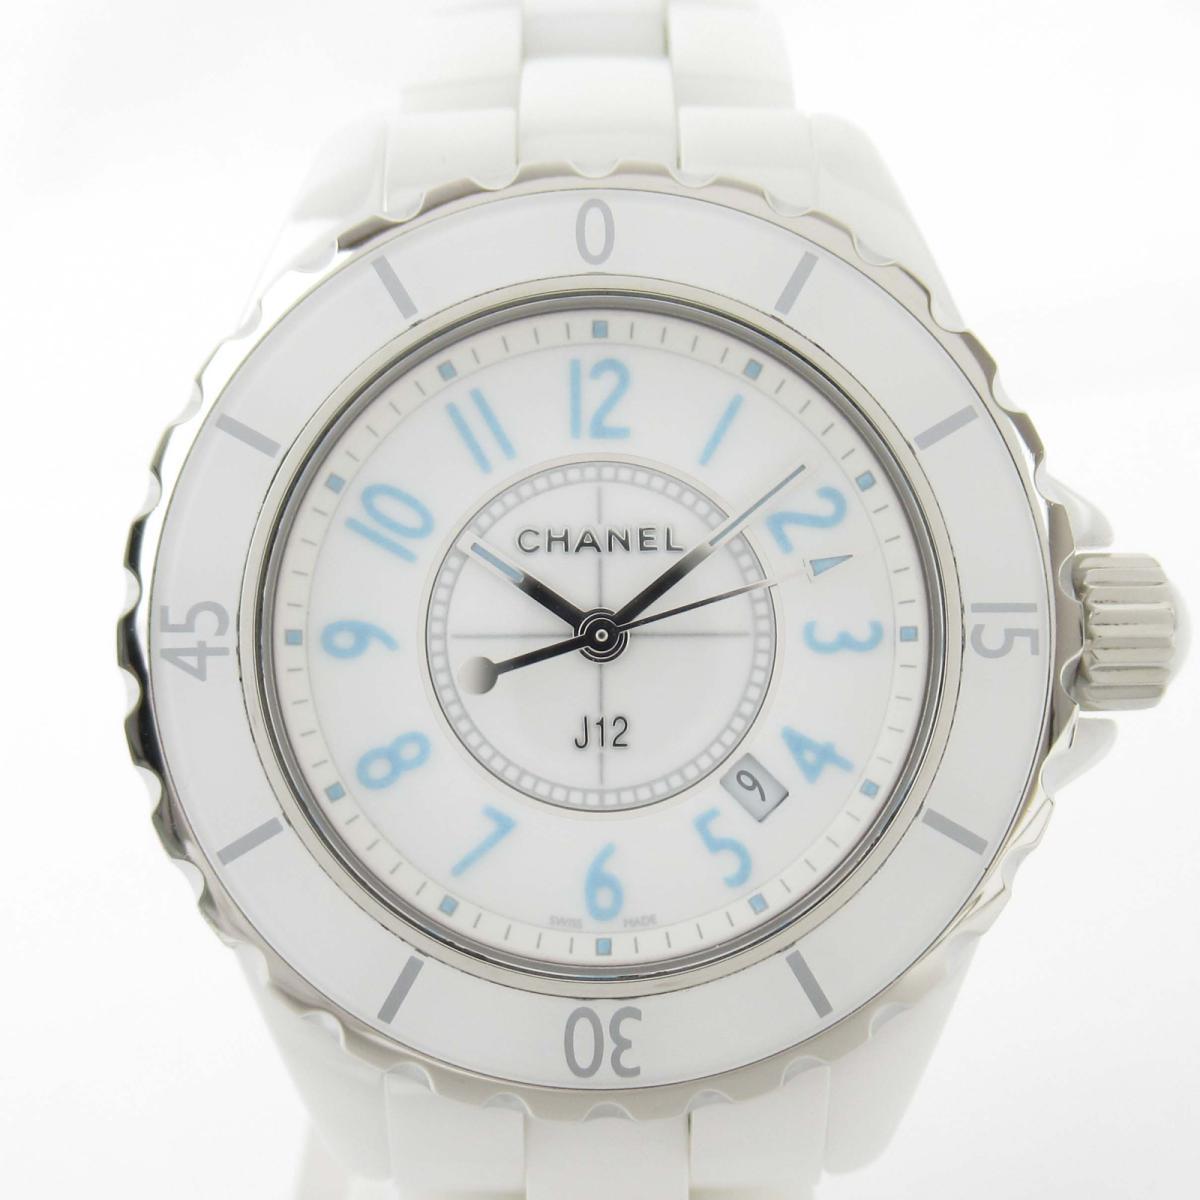 【中古】 シャネル J12 ブルーライト ウォッチ 腕時計 レディース セラミック (H3826) | CHANEL BRANDOFF ブランドオフ ブランド ブランド時計 ブランド腕時計 時計